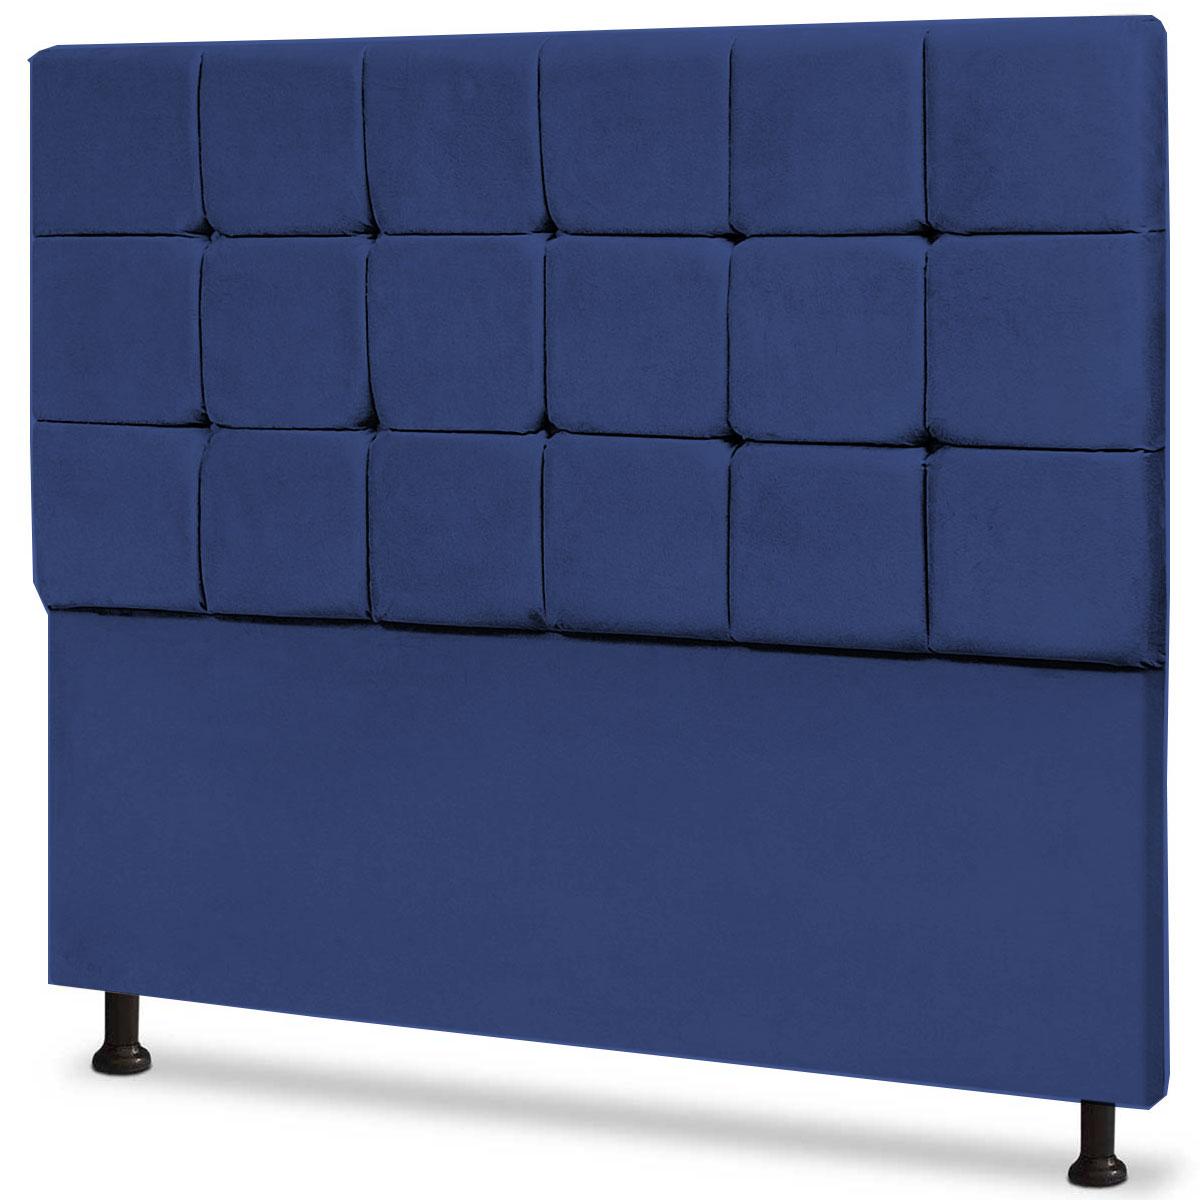 Cabeceira King Estofada Espanha 195 cm Animale Azul